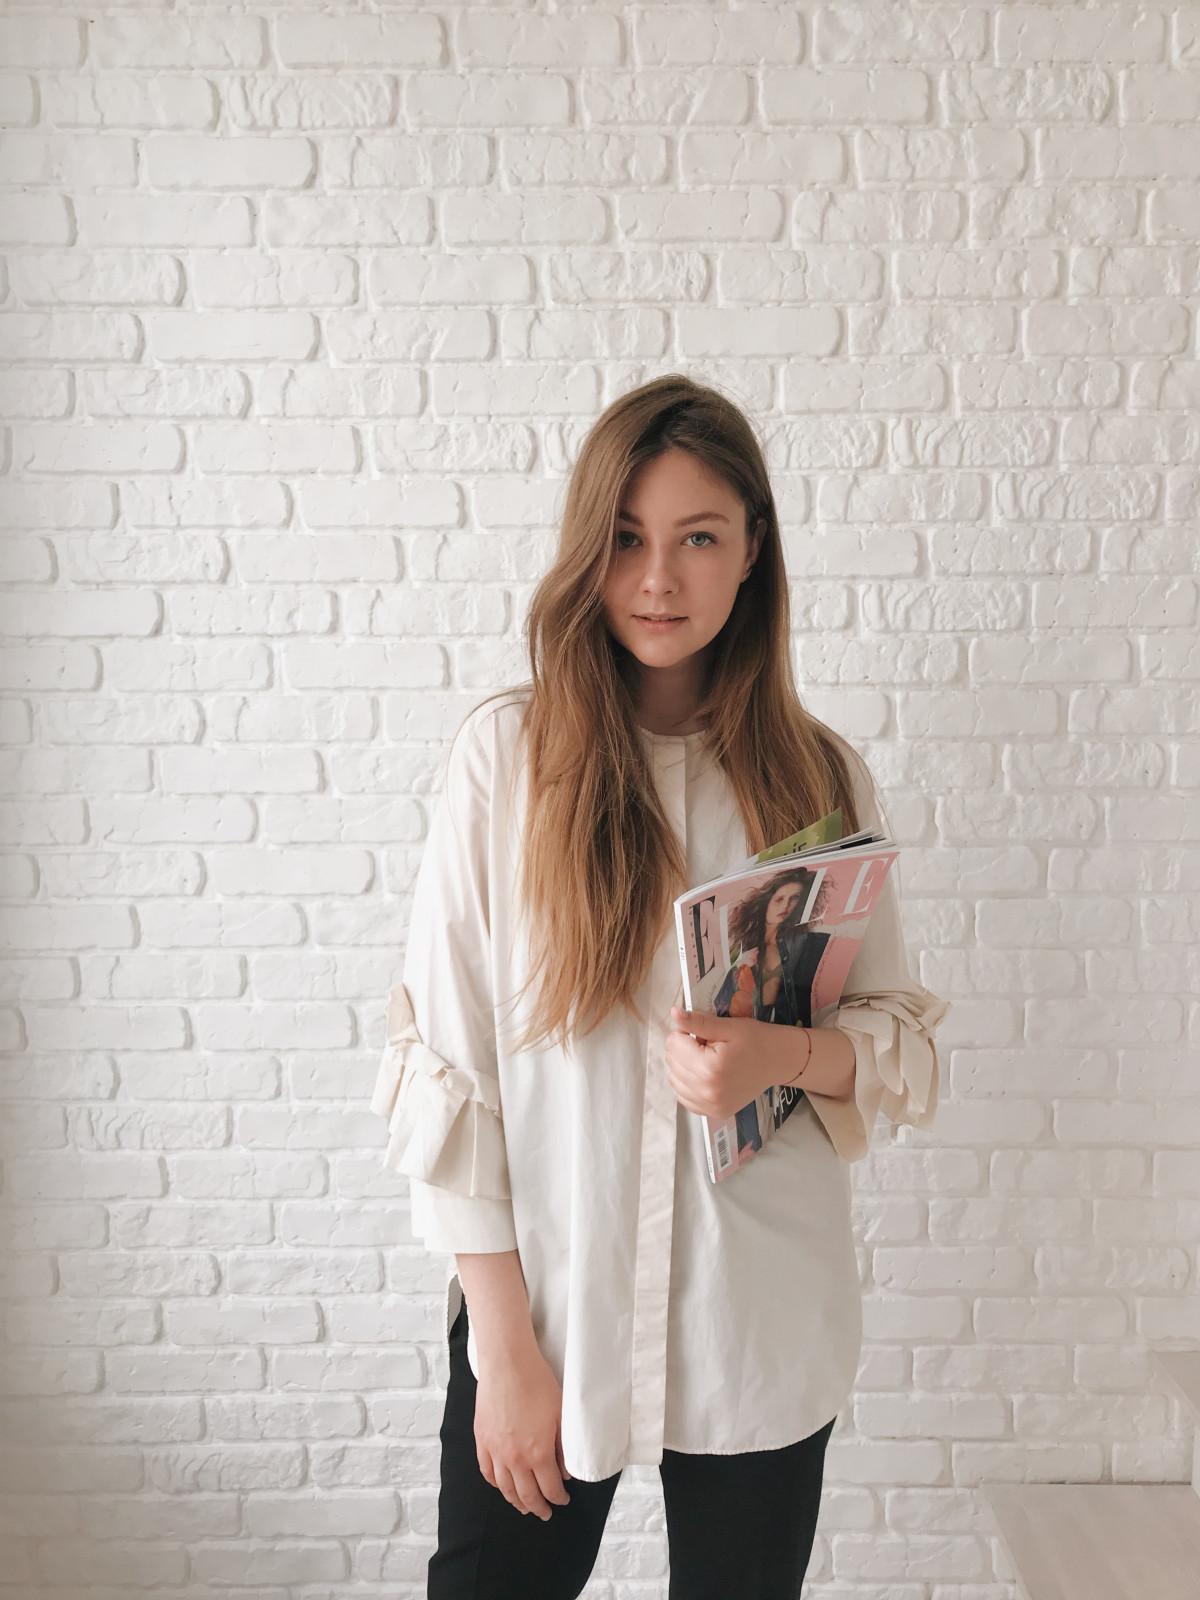 Анастасия белоус модели онлайн пудож